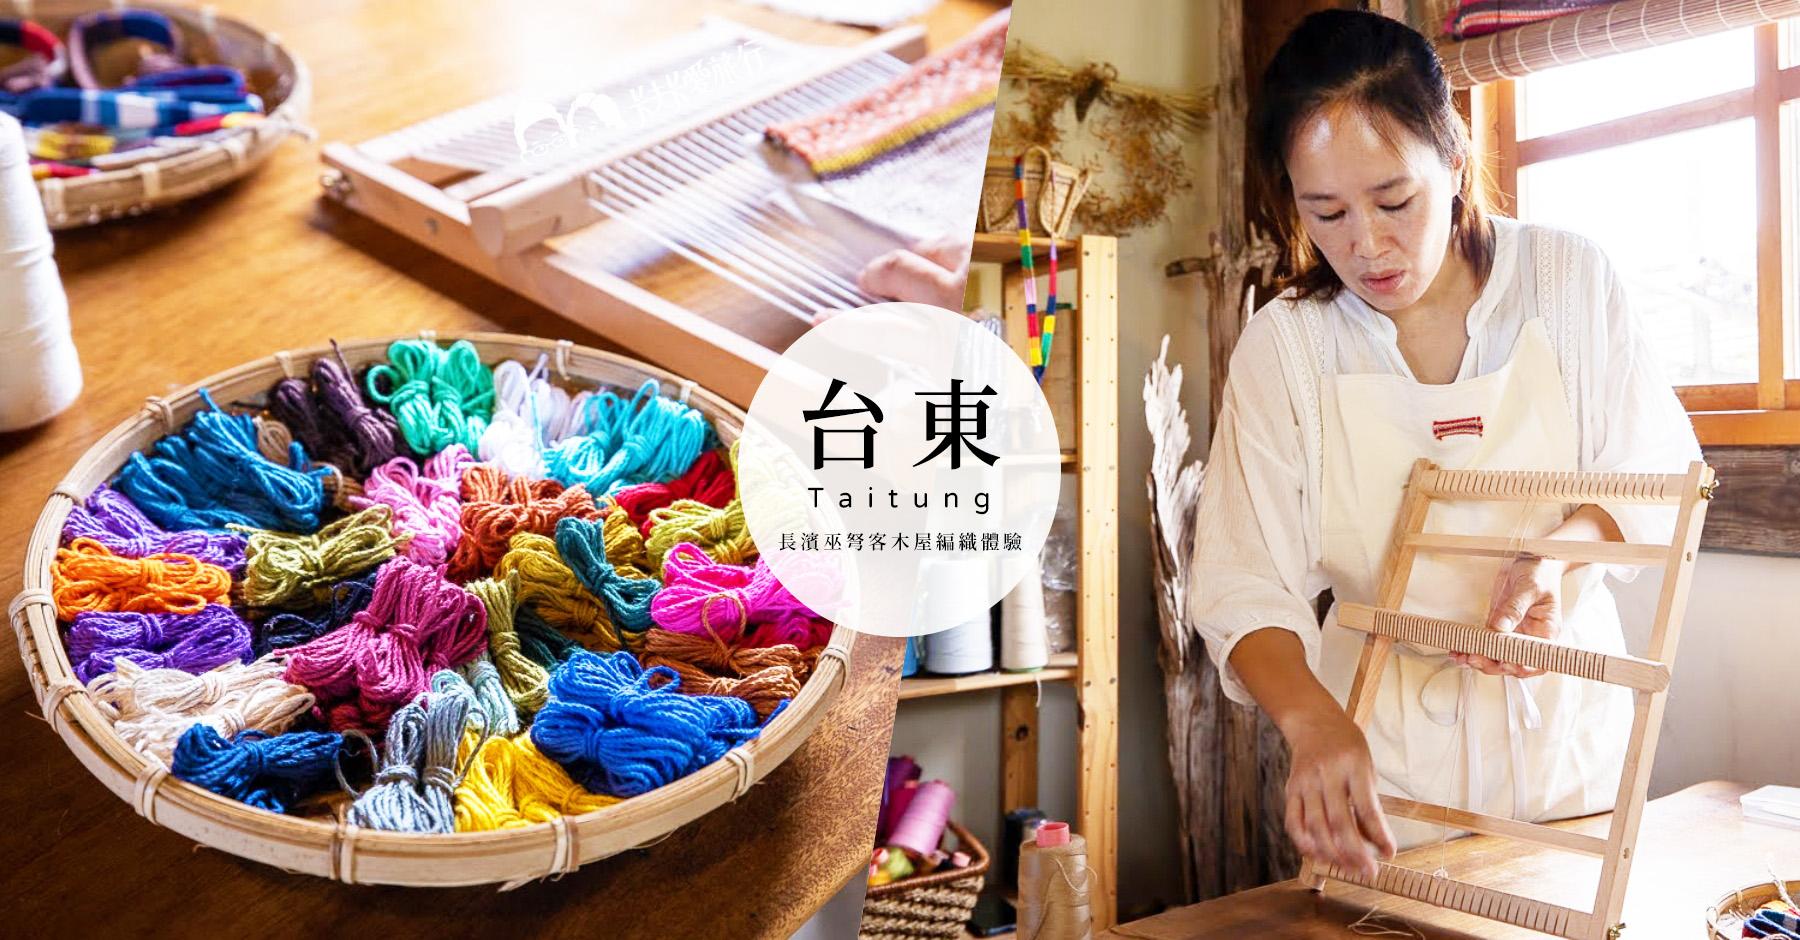 台11線台東海岸景點|長濱巫弩客木屋|編織體驗海邊咖啡下午茶|老闆!!來串生活